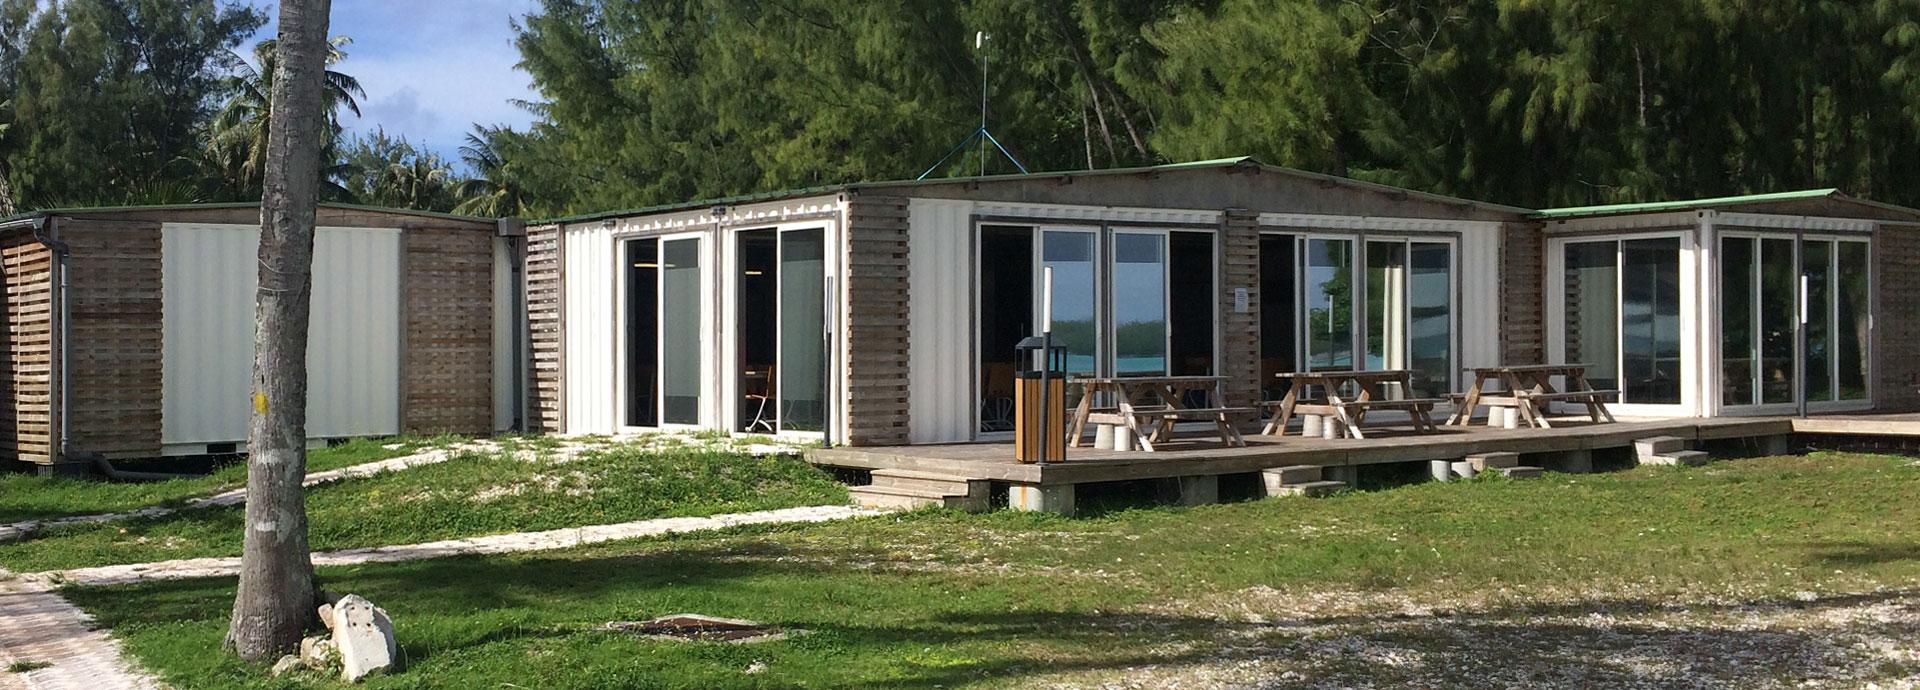 Camps et containers base de vie